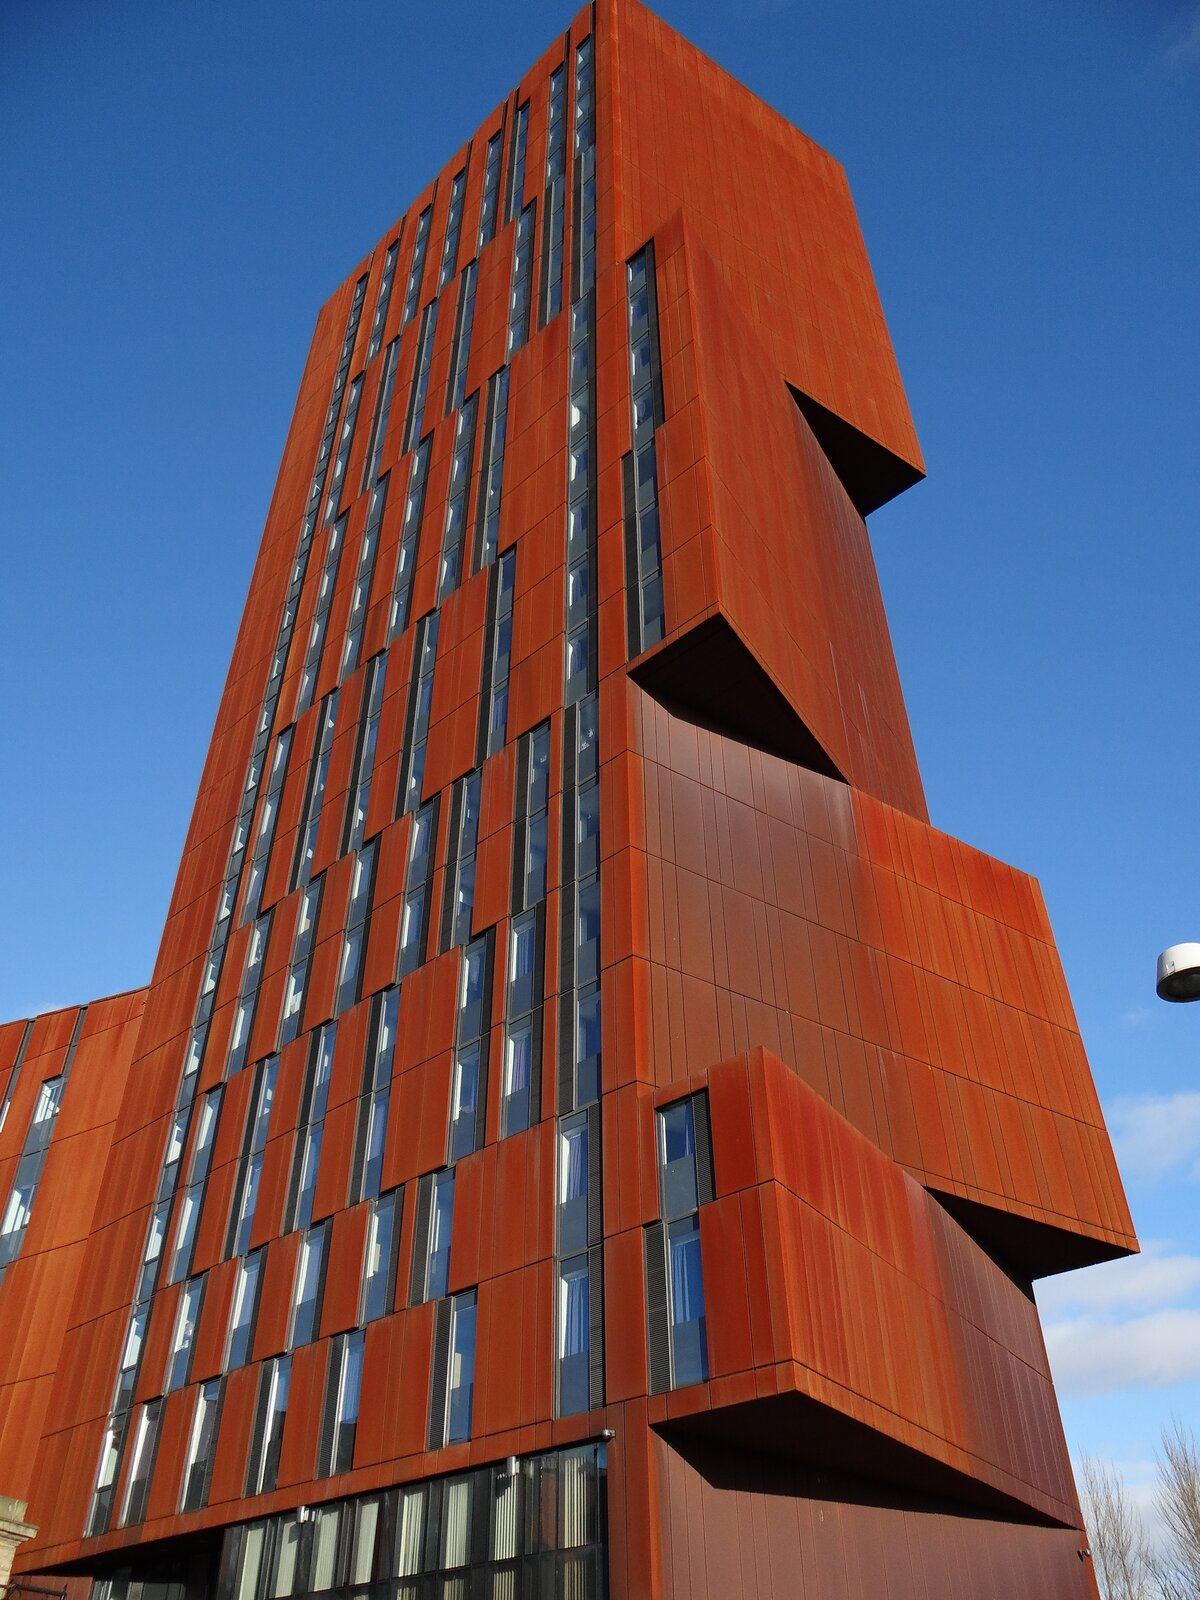 Zdjęcie przedstawia budynek biurowy onieregularnym kształcie, wyglądający jak powstały zułożenia wielkich pudeł jednego na drugim wnie do końca równą wysoką kolumnę. Fasada budynku ma ognistorudy kolor mocno kontrastujący zniebieskim niebem wtle.